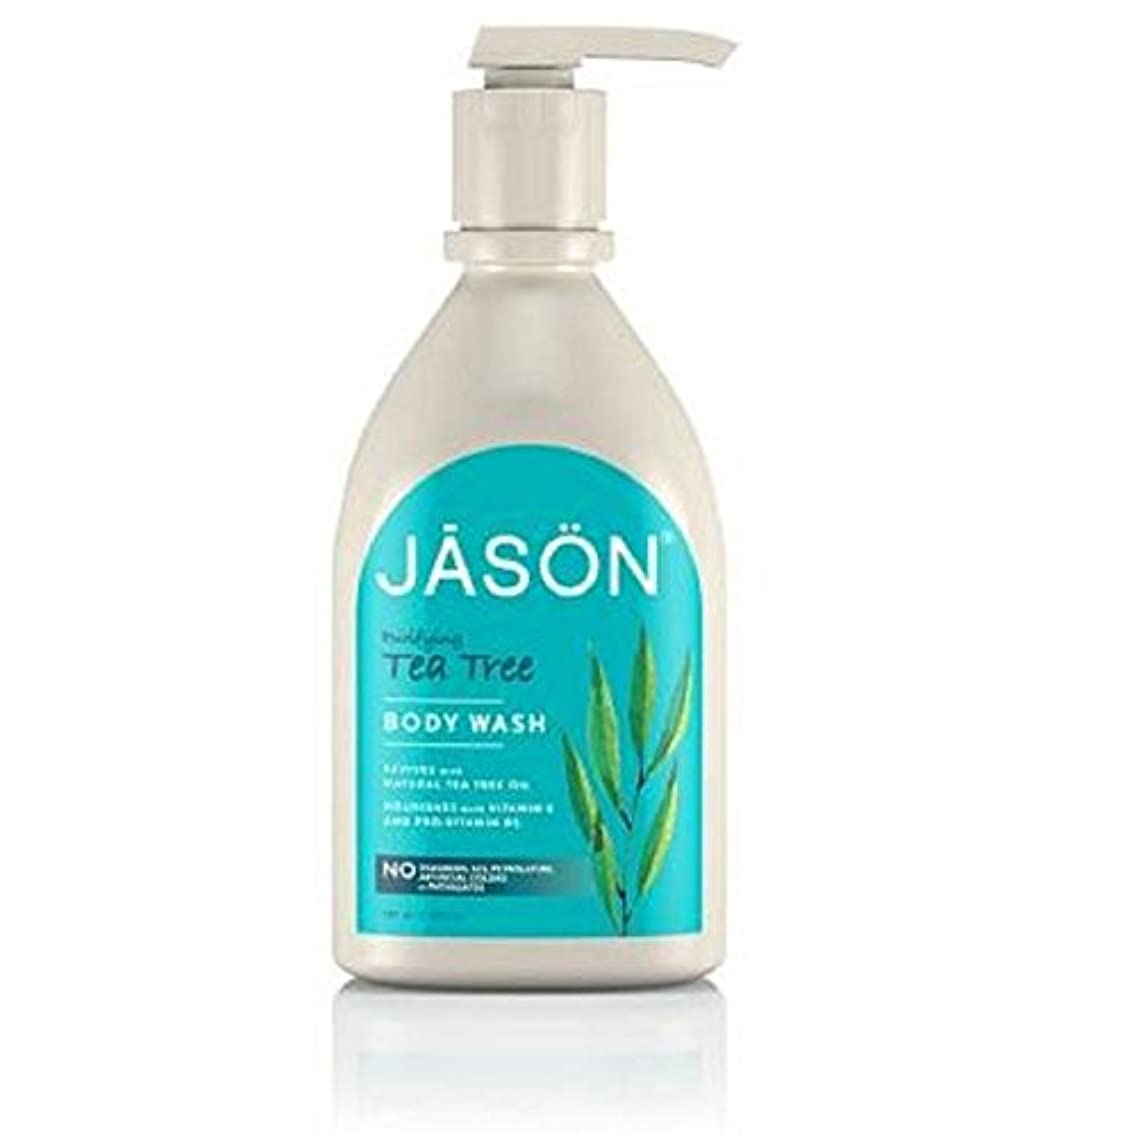 注釈を付ける危機シーズンジェイソン?ティーツリーサテンボディウォッシュポンプ900ミリリットル x2 - Jason Tea Tree Satin Body Wash Pump 900ml (Pack of 2) [並行輸入品]